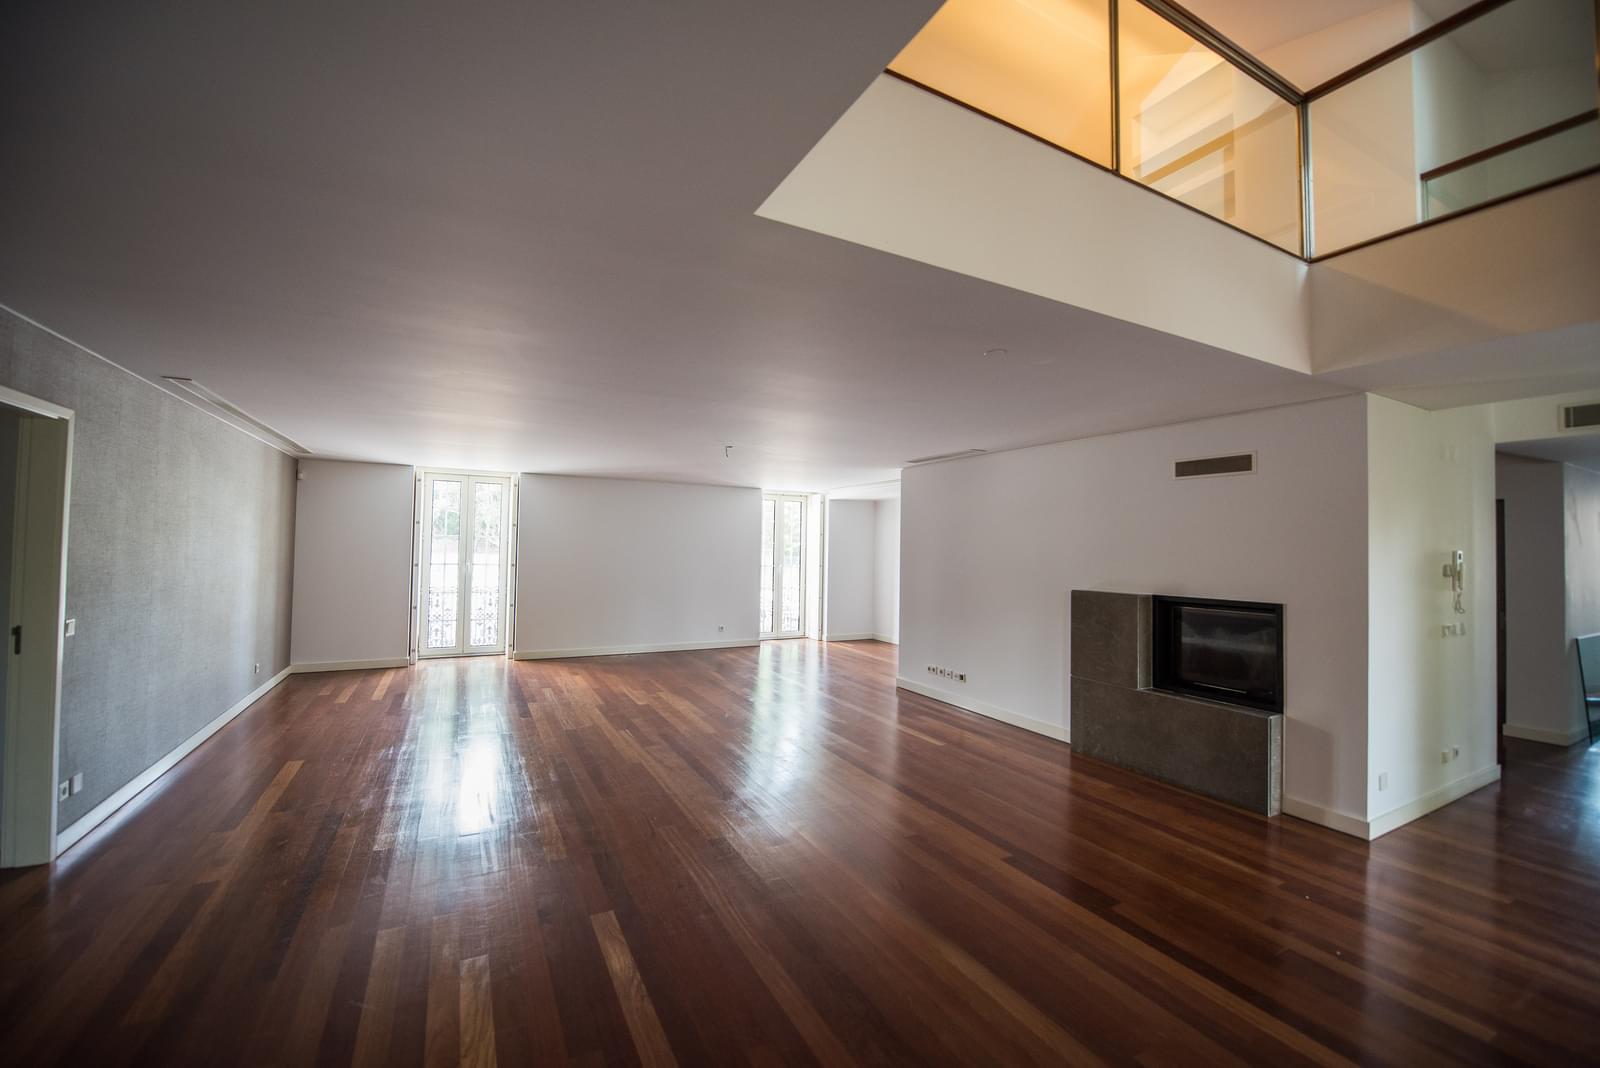 pf19211-apartamento-t4-lisboa-7250a37d-88f7-4e4b-9424-ffcf5539d720